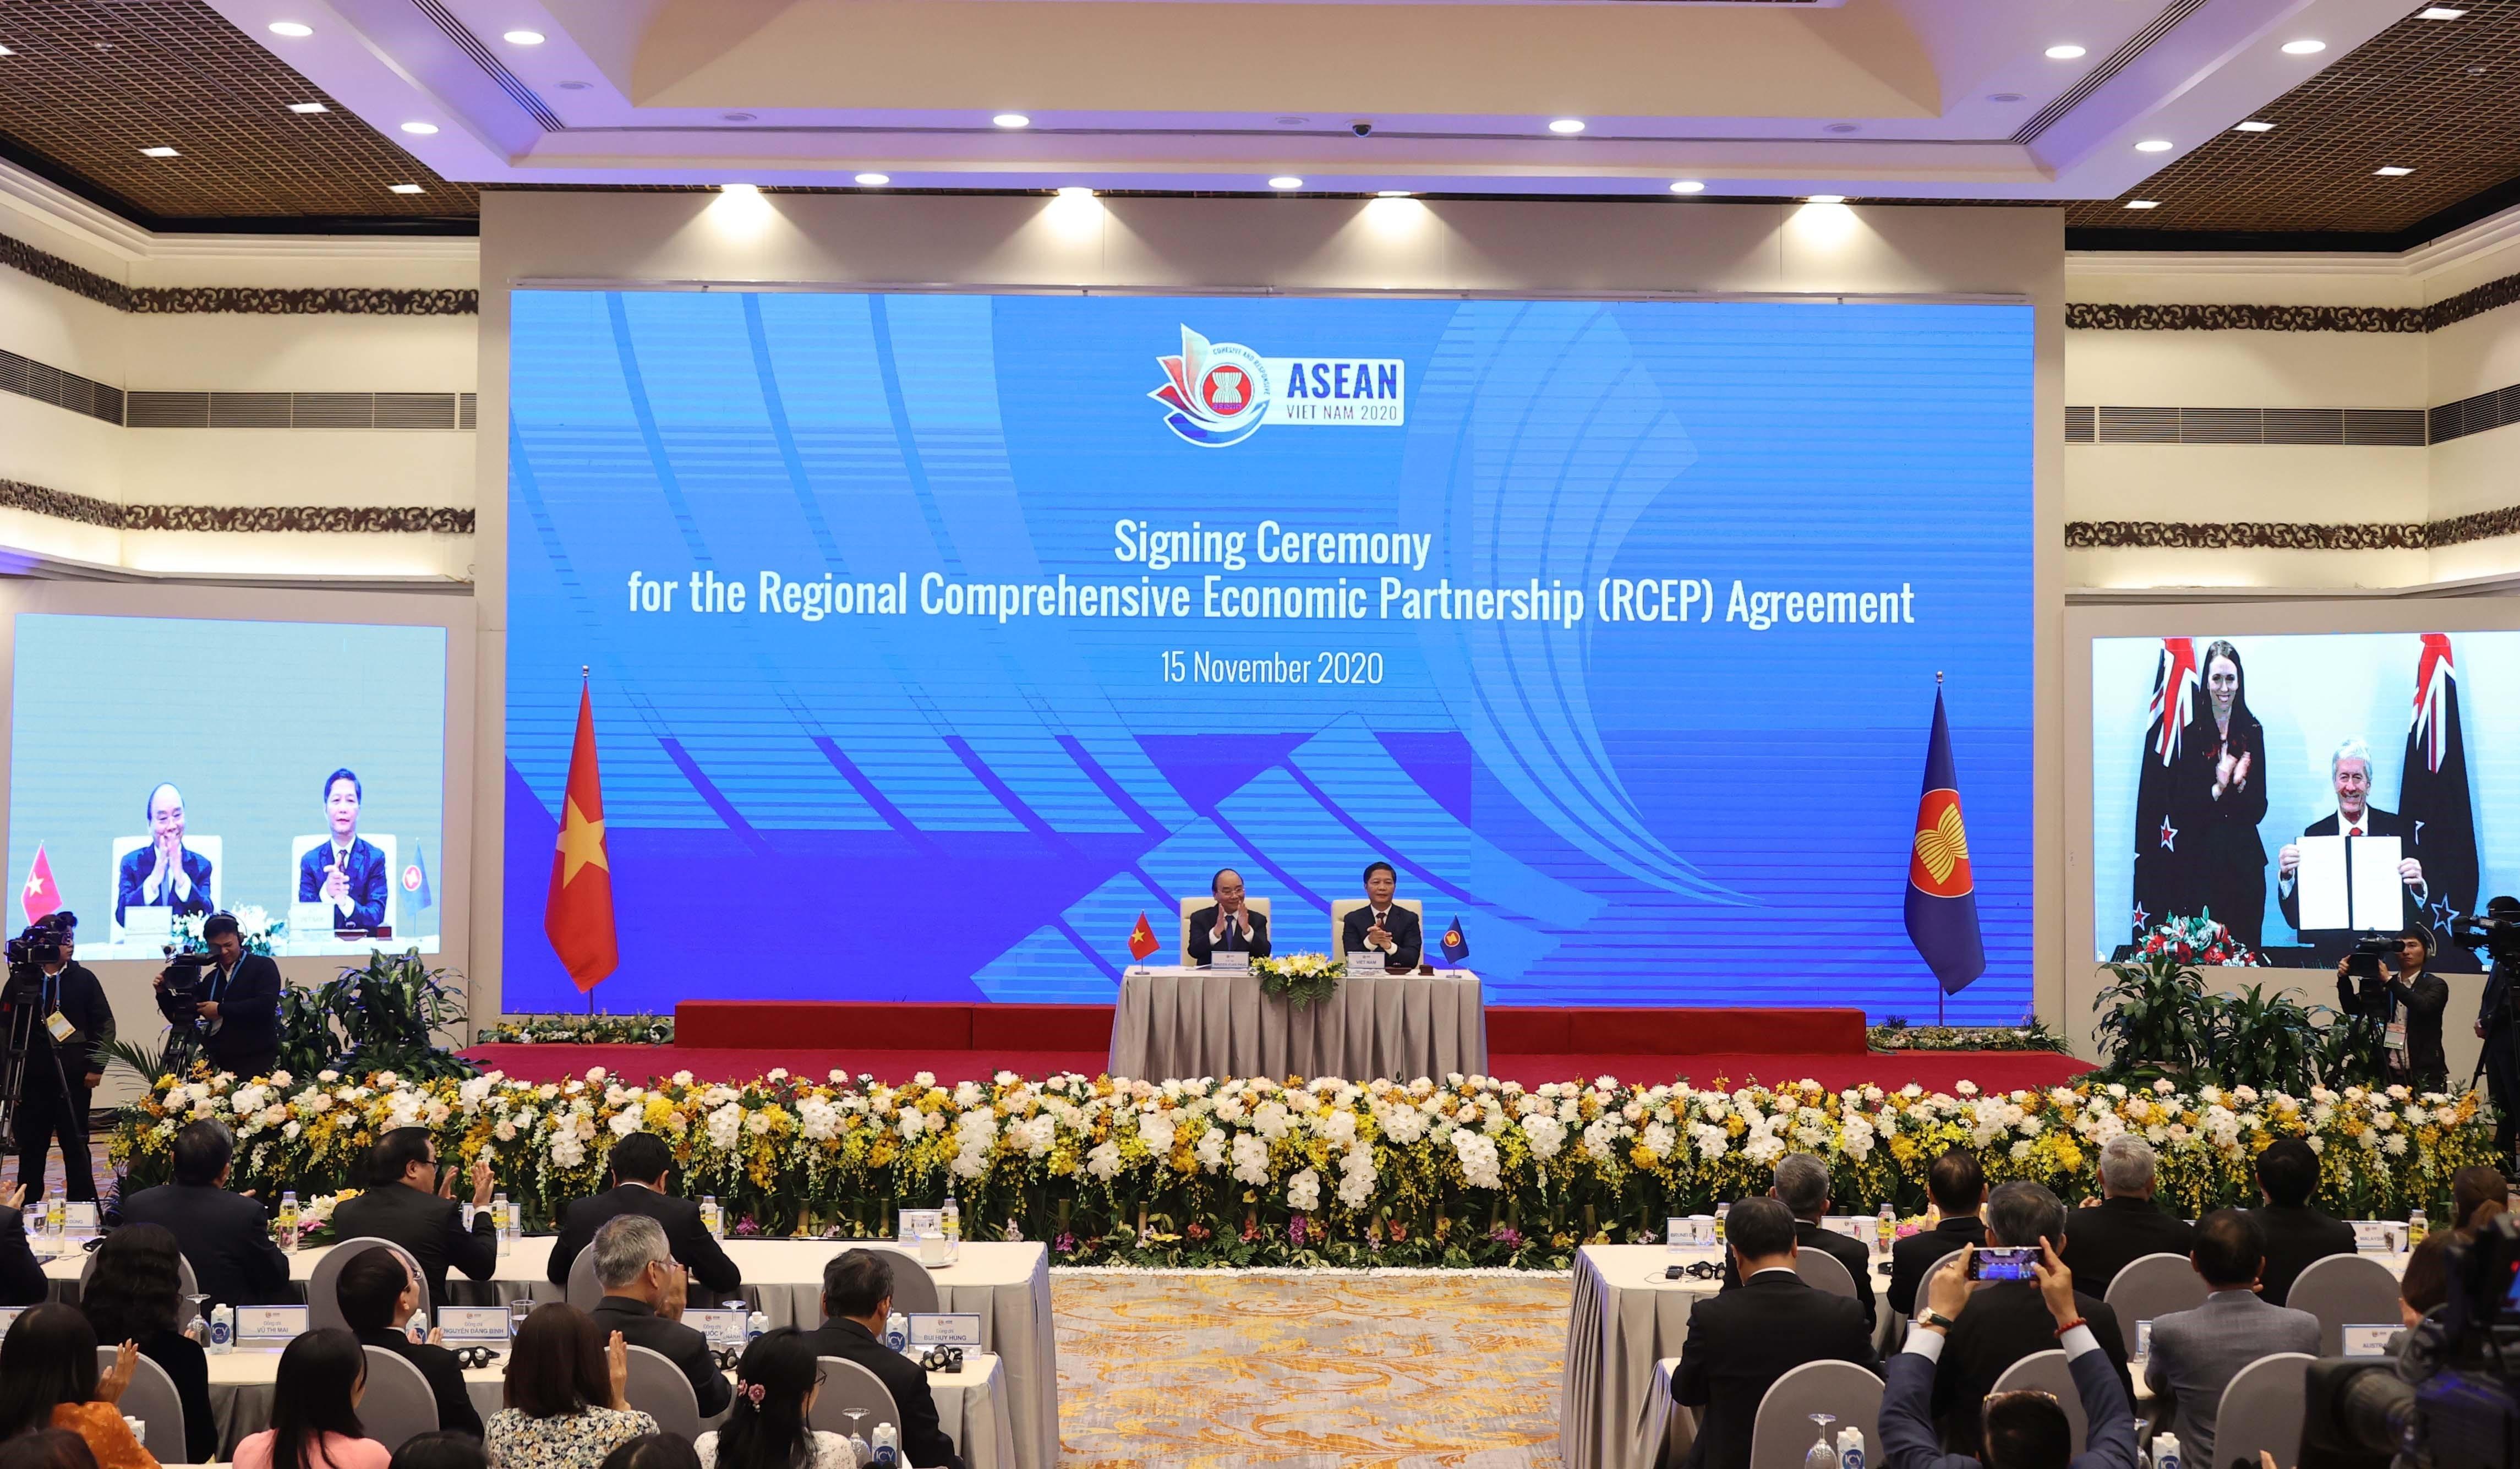 区域全面经济伙伴关系协定(rcep)签署仪式现场.